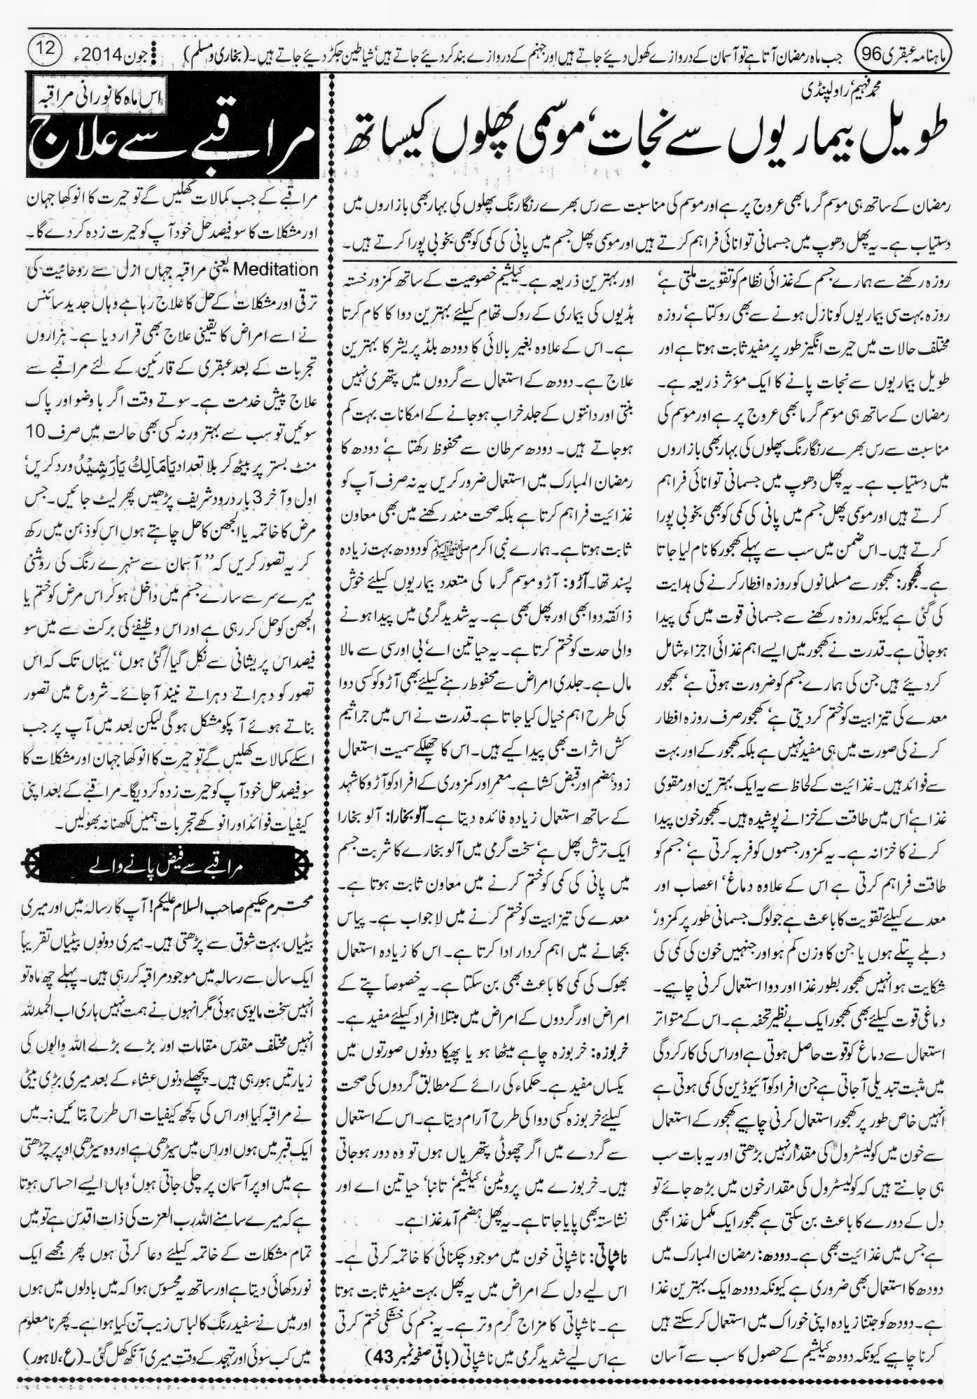 ubqari june 2014 page 12